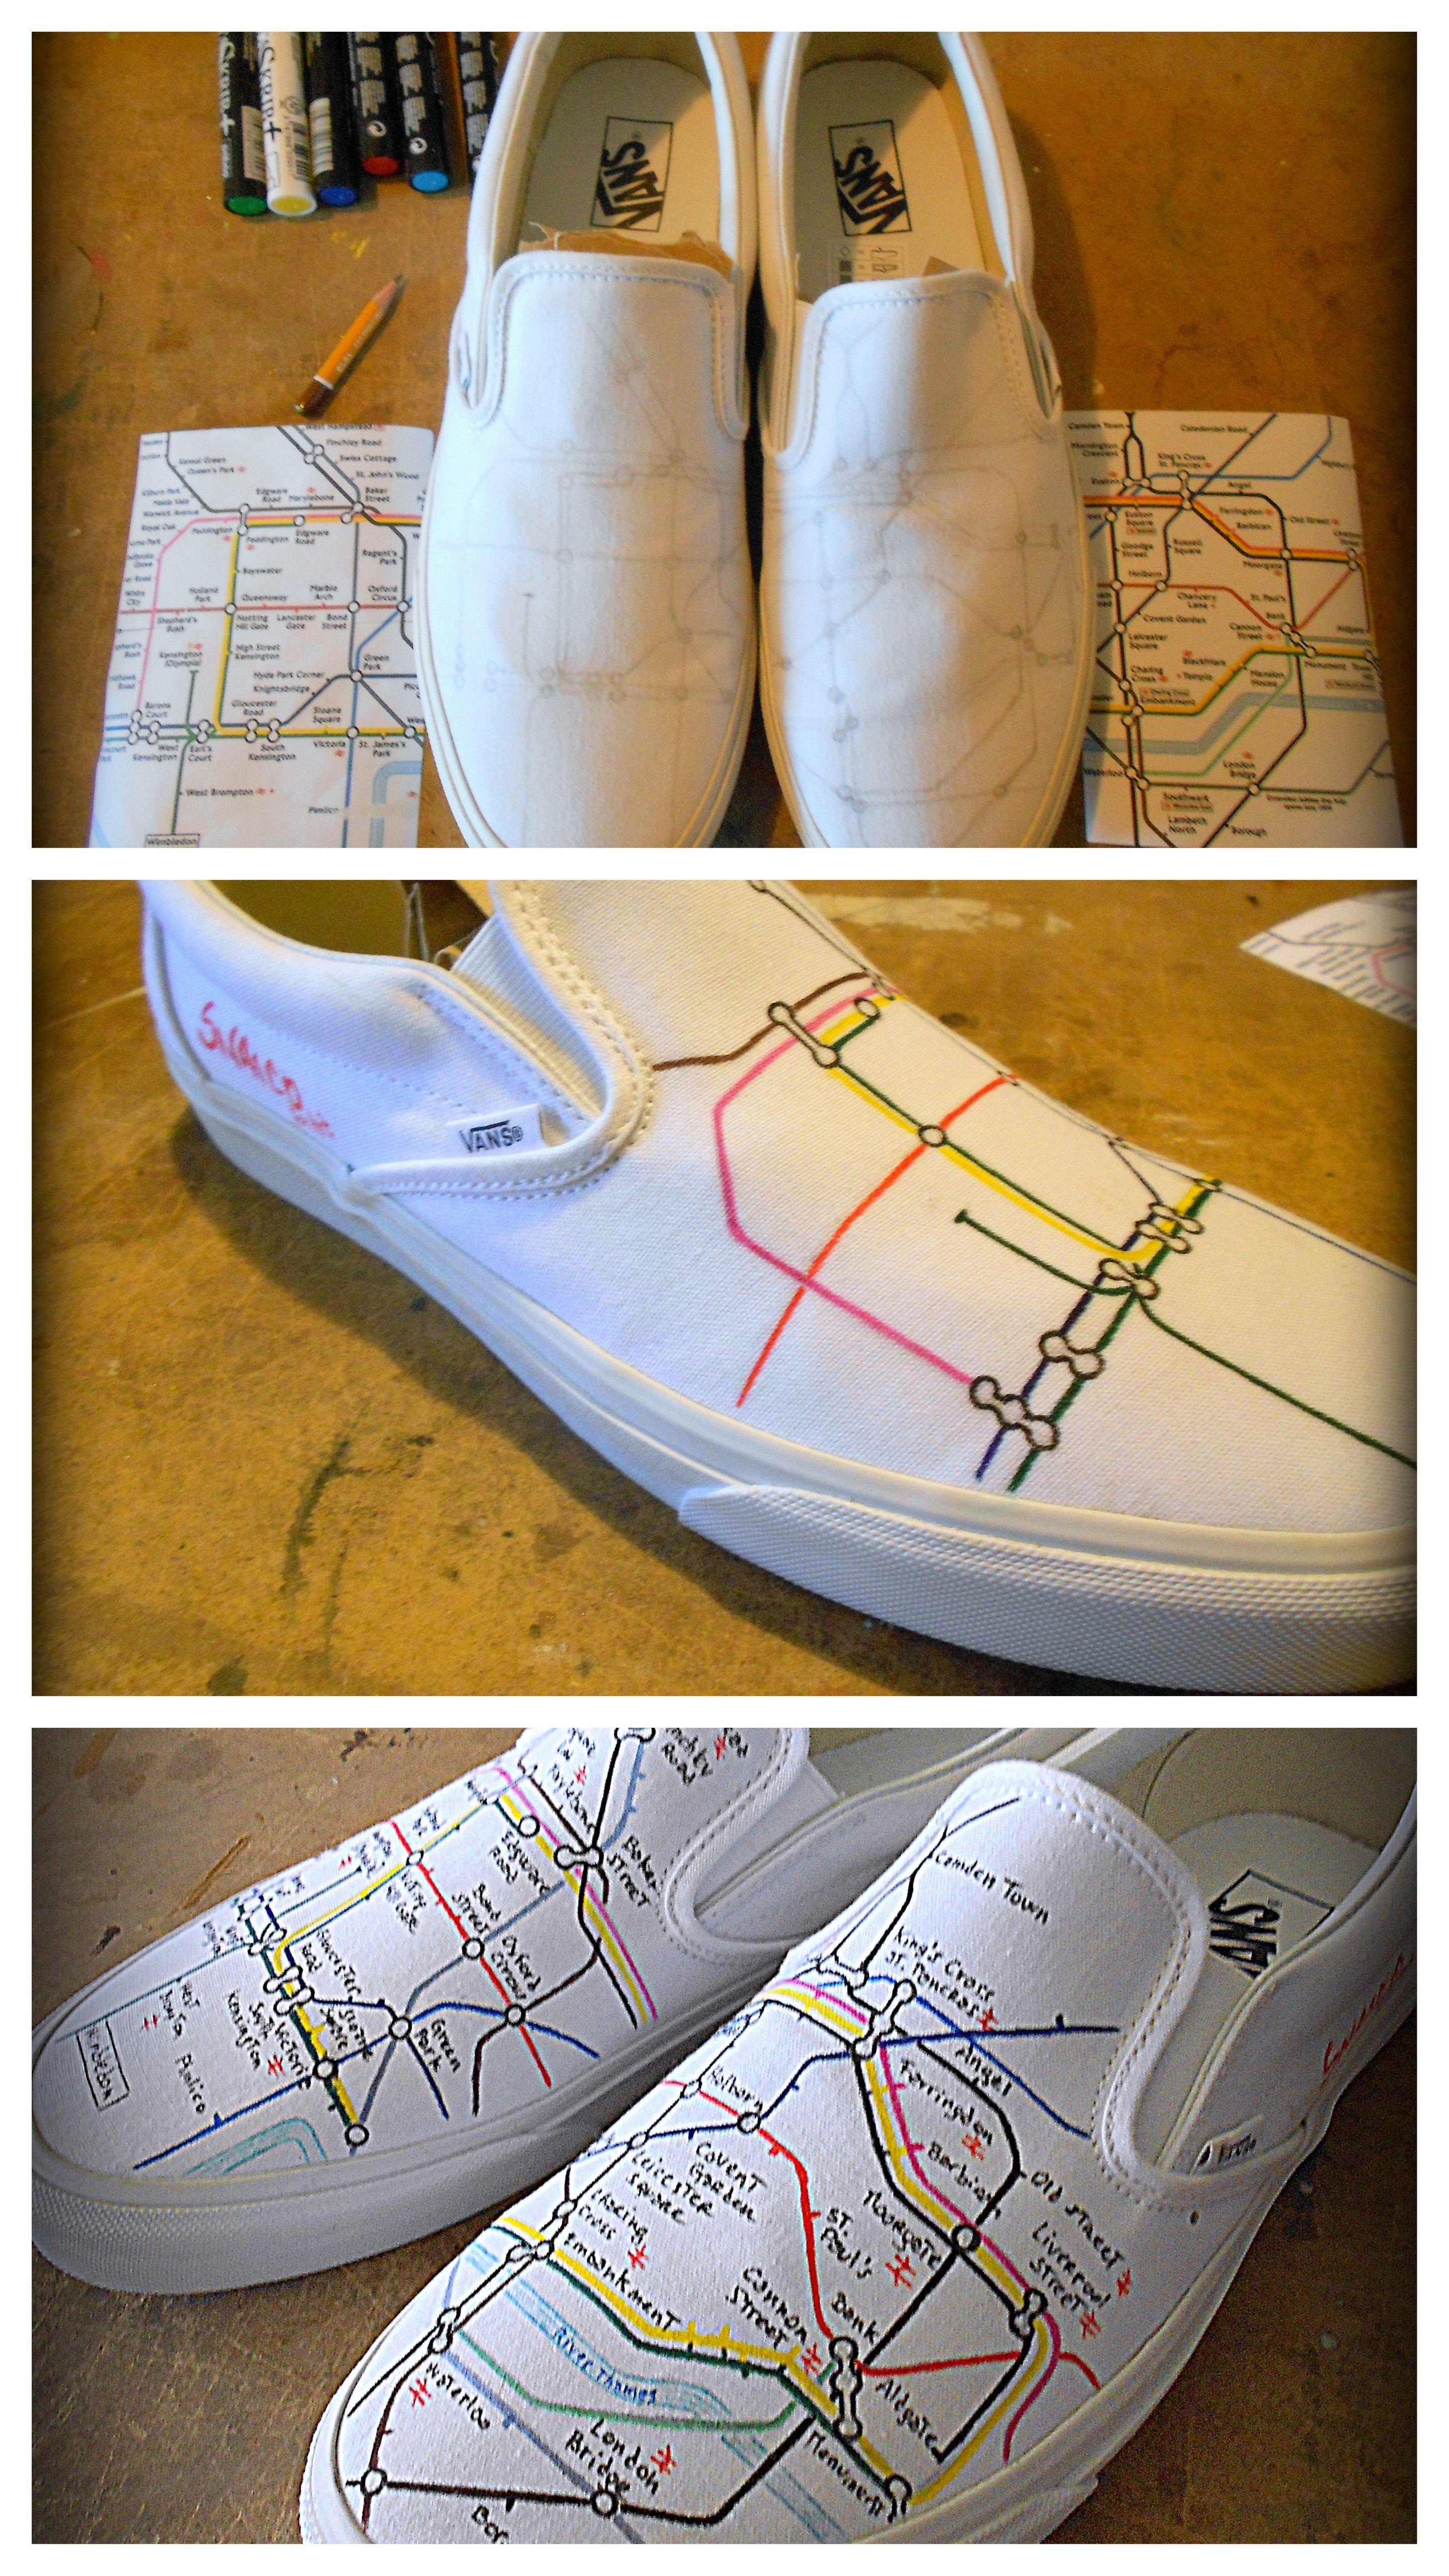 DIY Sneakers Vans London Underground Map diysneaker